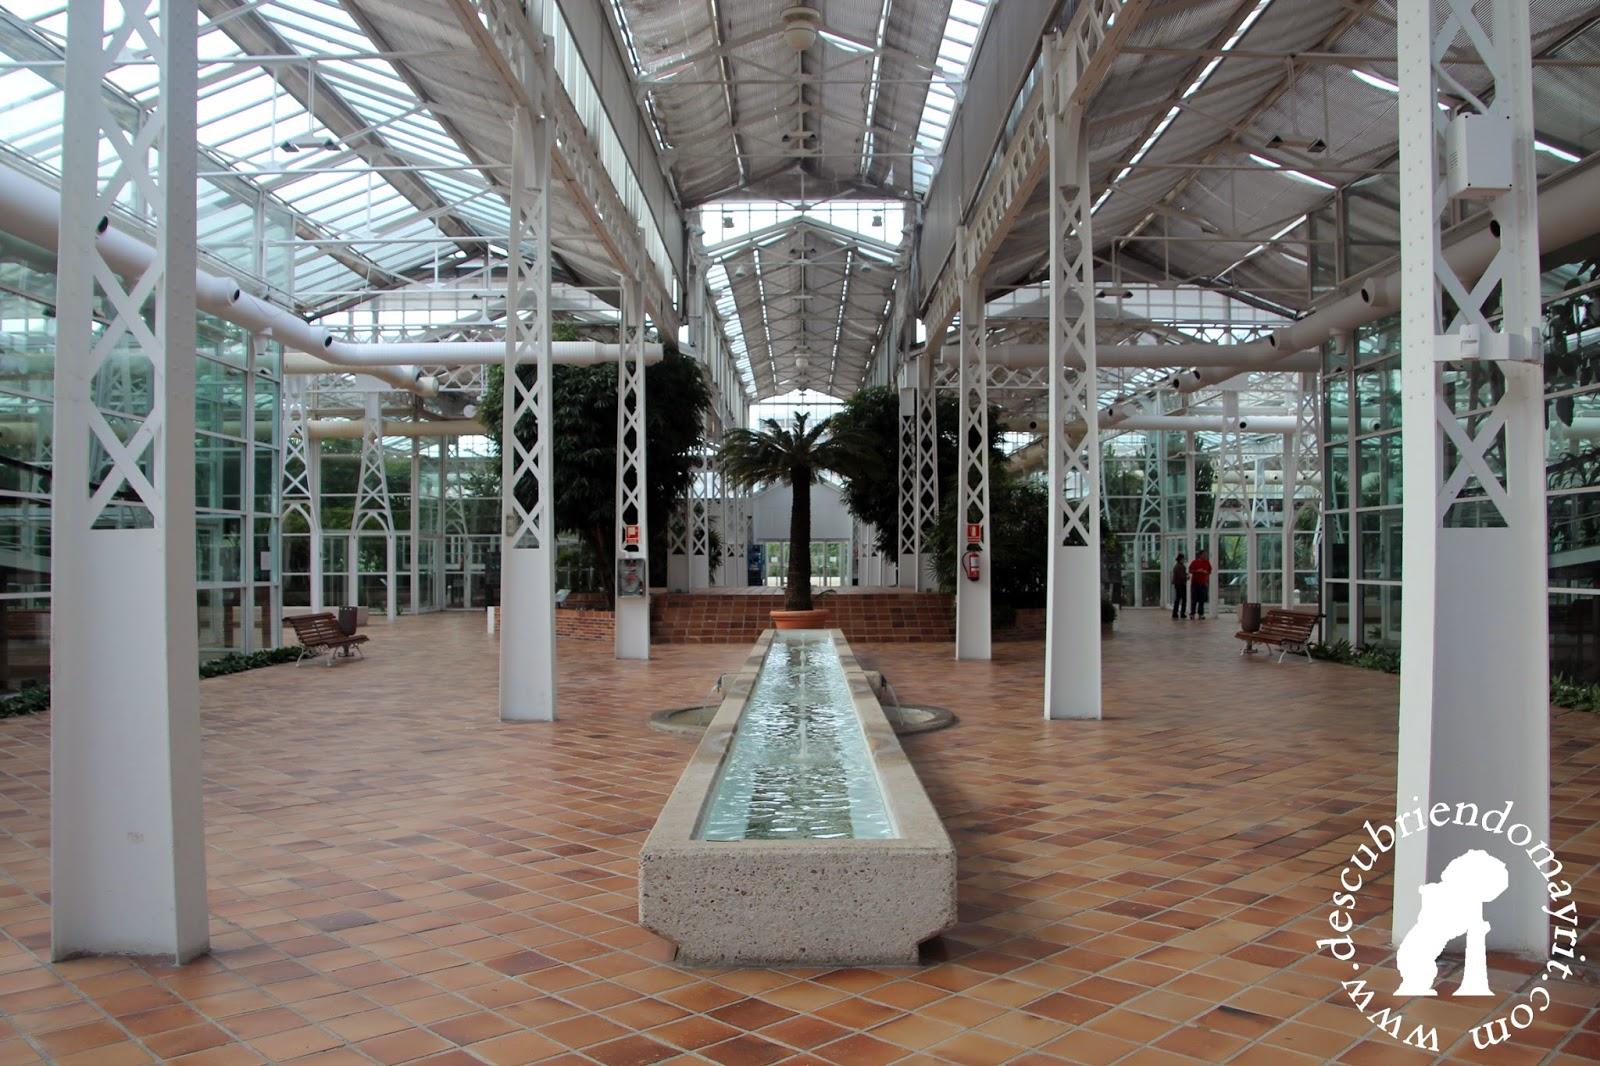 Descubriendo mayrit guia de turismo en madrid palacio - Invernadero de cristal ...